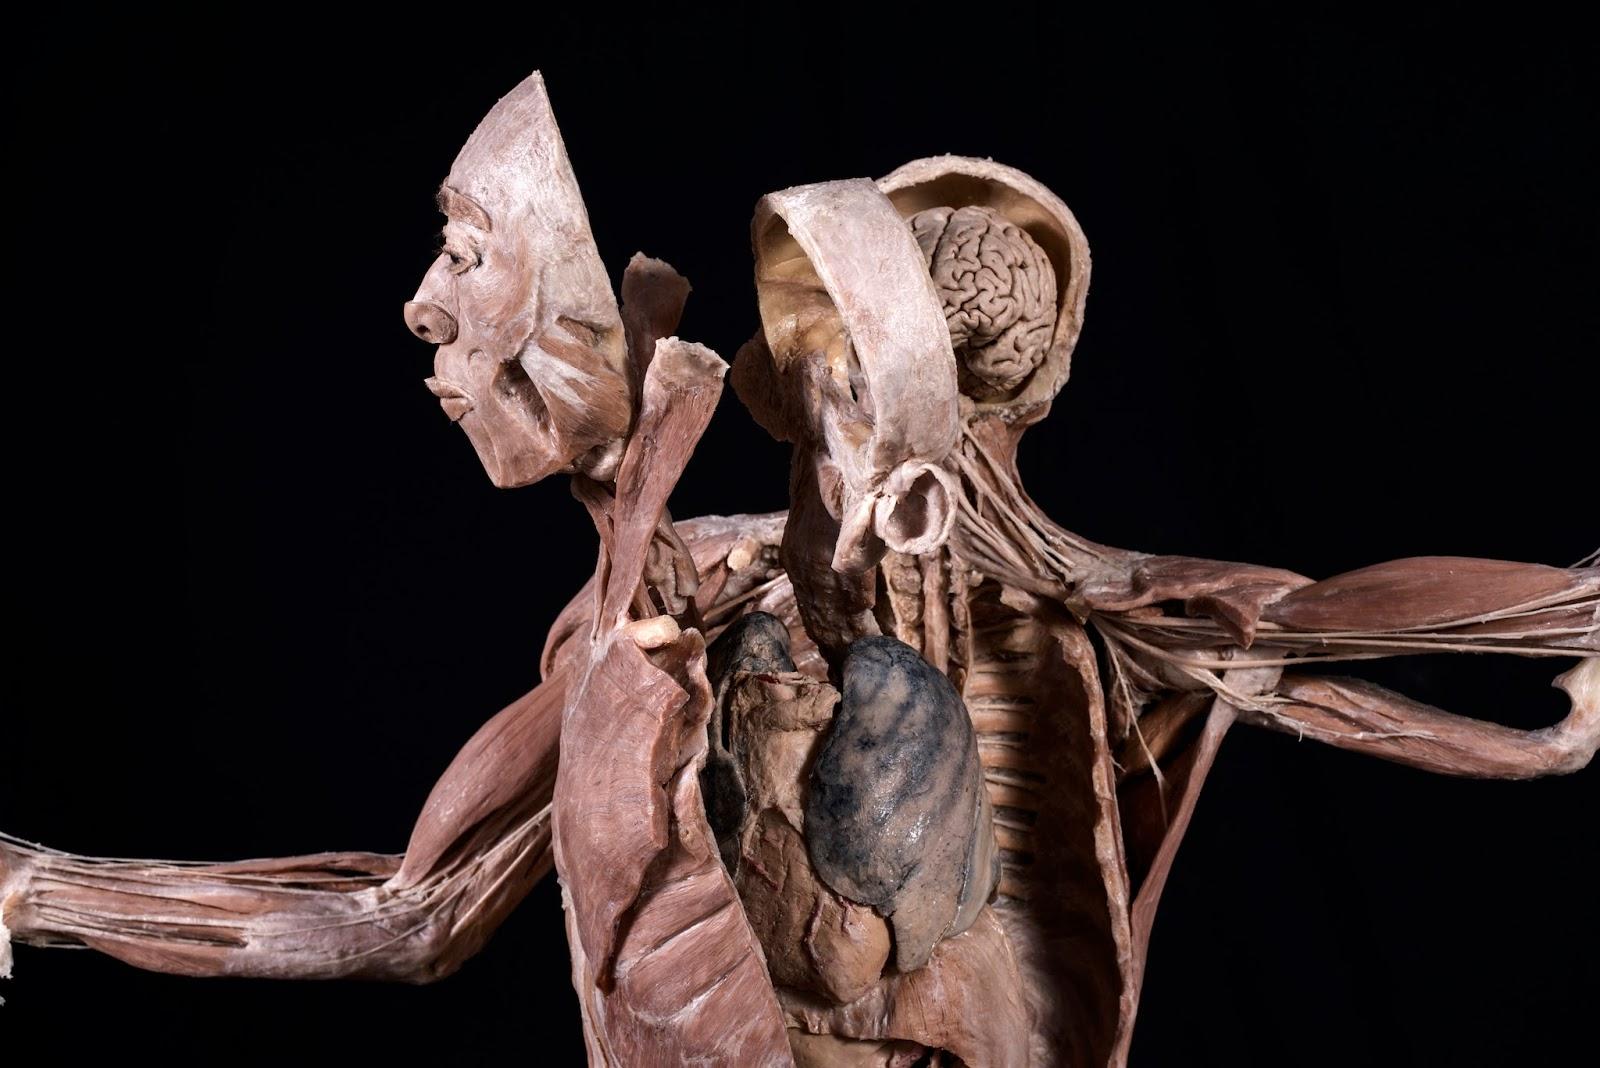 Exhibición BODIES Cuerpos Reales comienza este 17 de junio - PRENSA ...